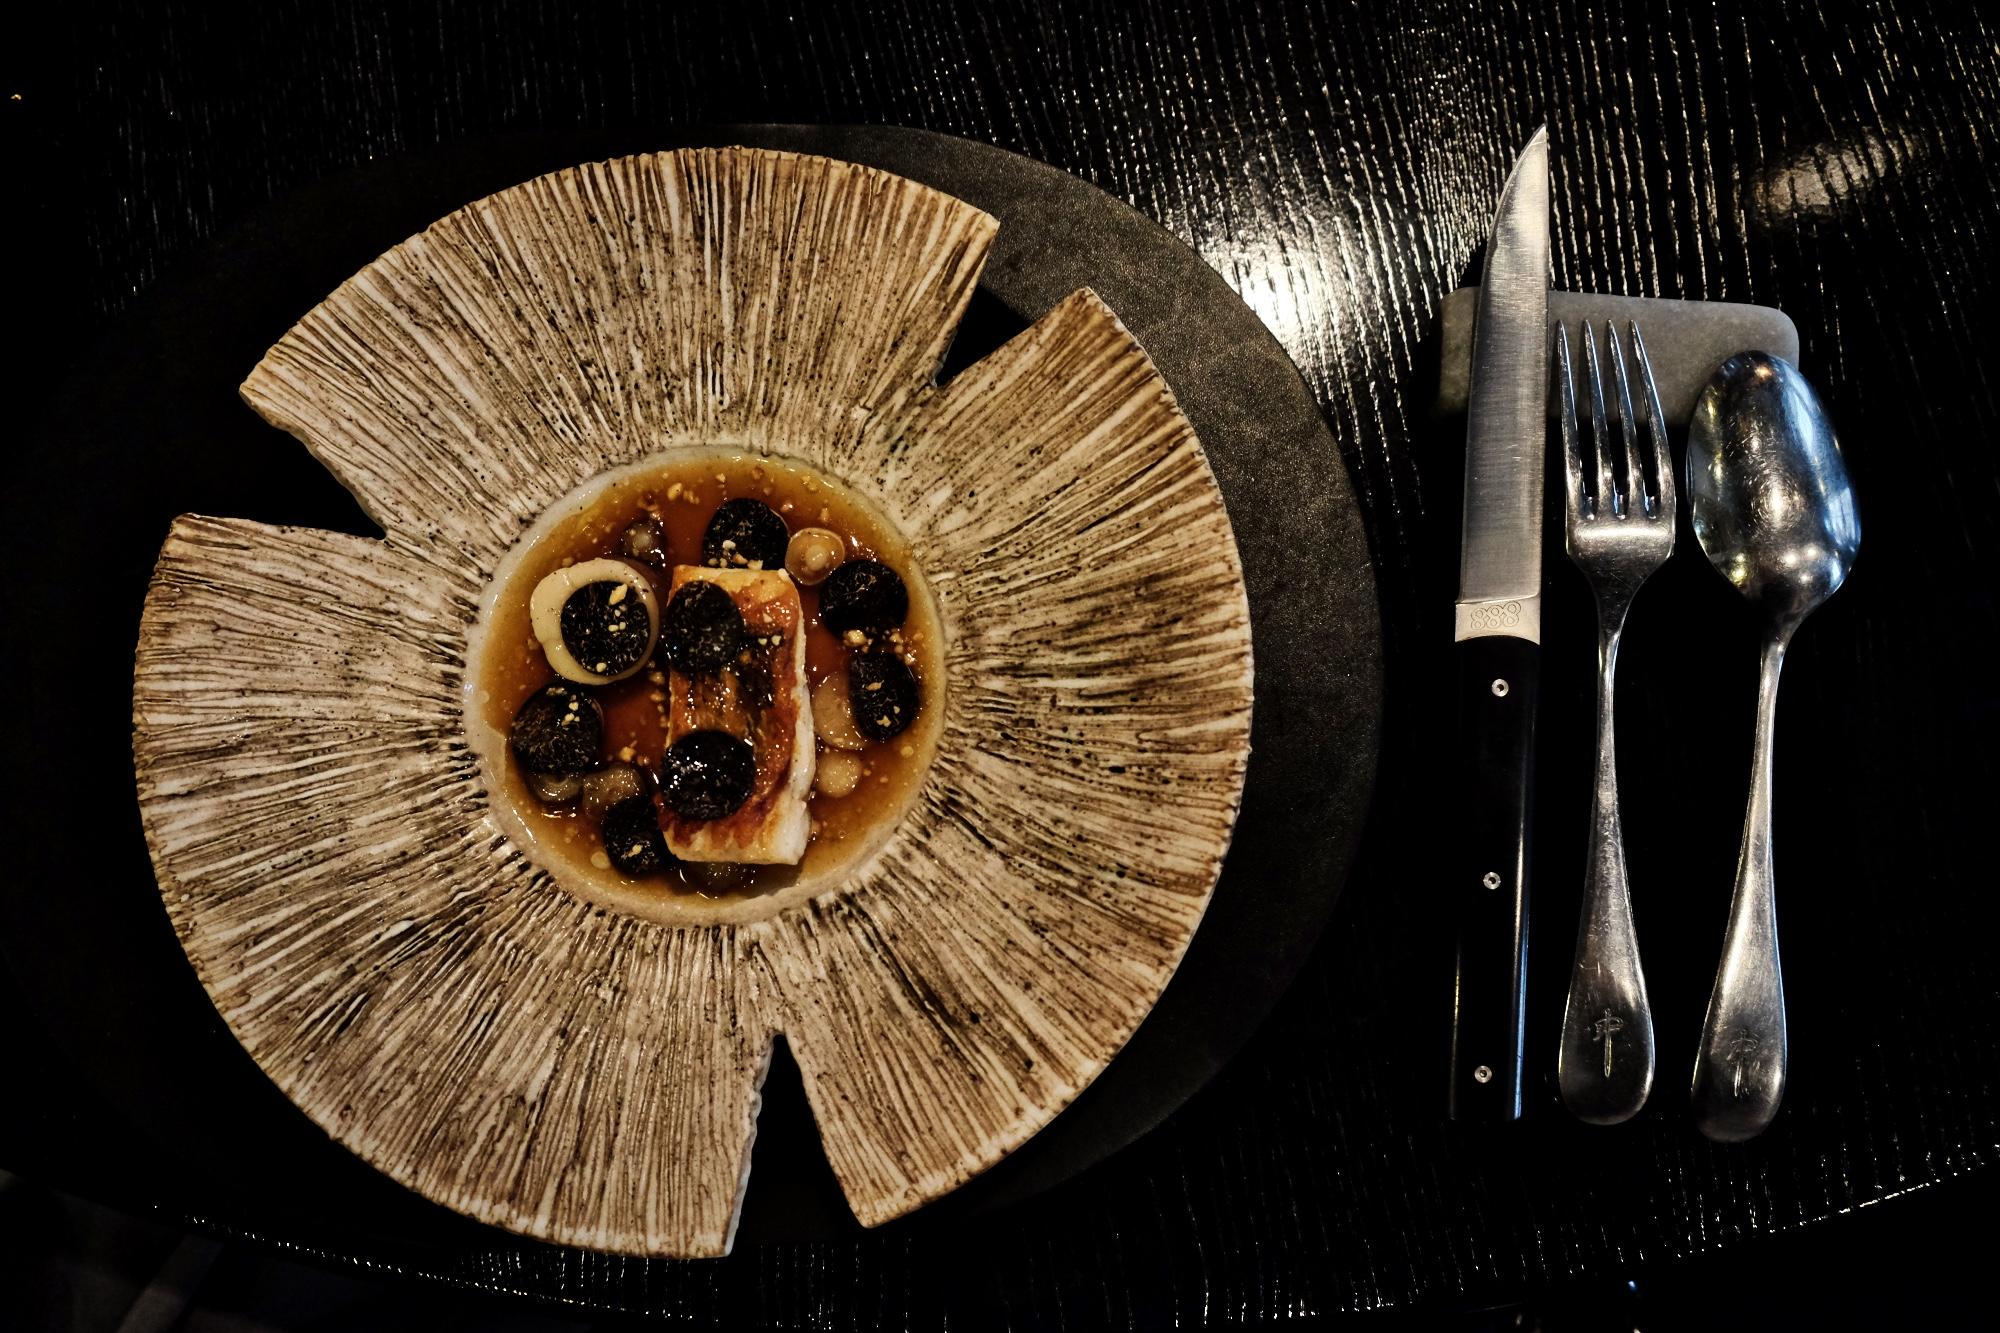 dscf8253_filippou_vienna_michelin_austria_restaurant_vilagevo_jokuti_andras_l.jpeg